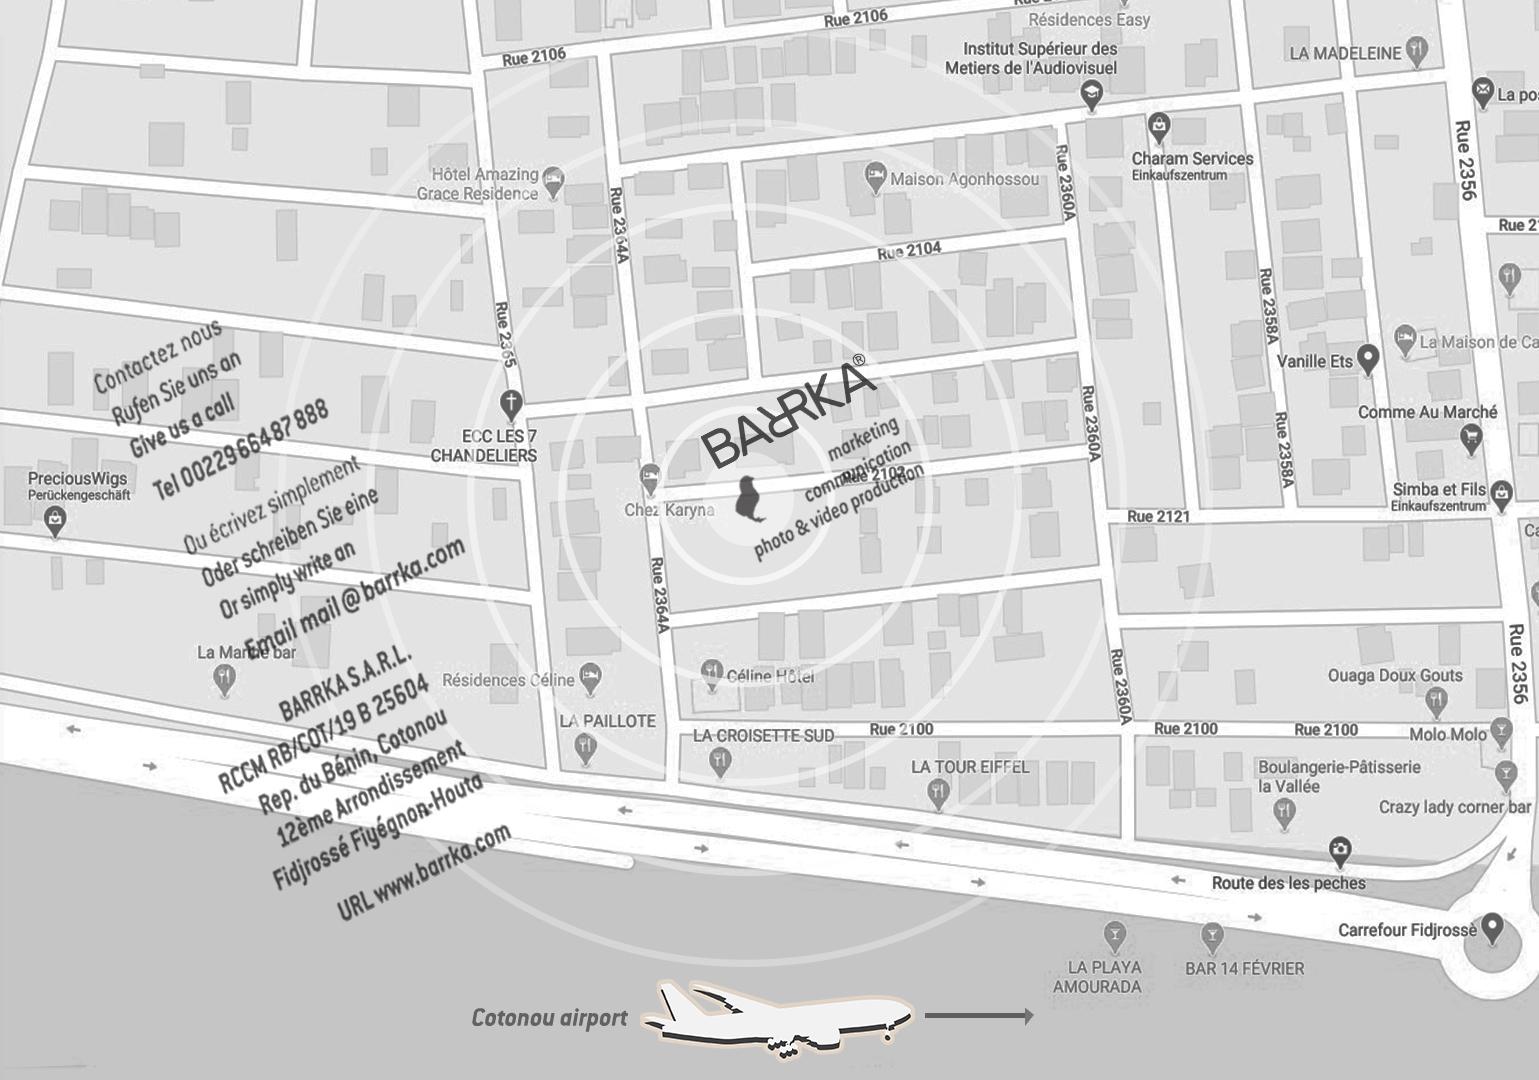 Barrka SARL se trouve à Cotonou Fidjrossé.